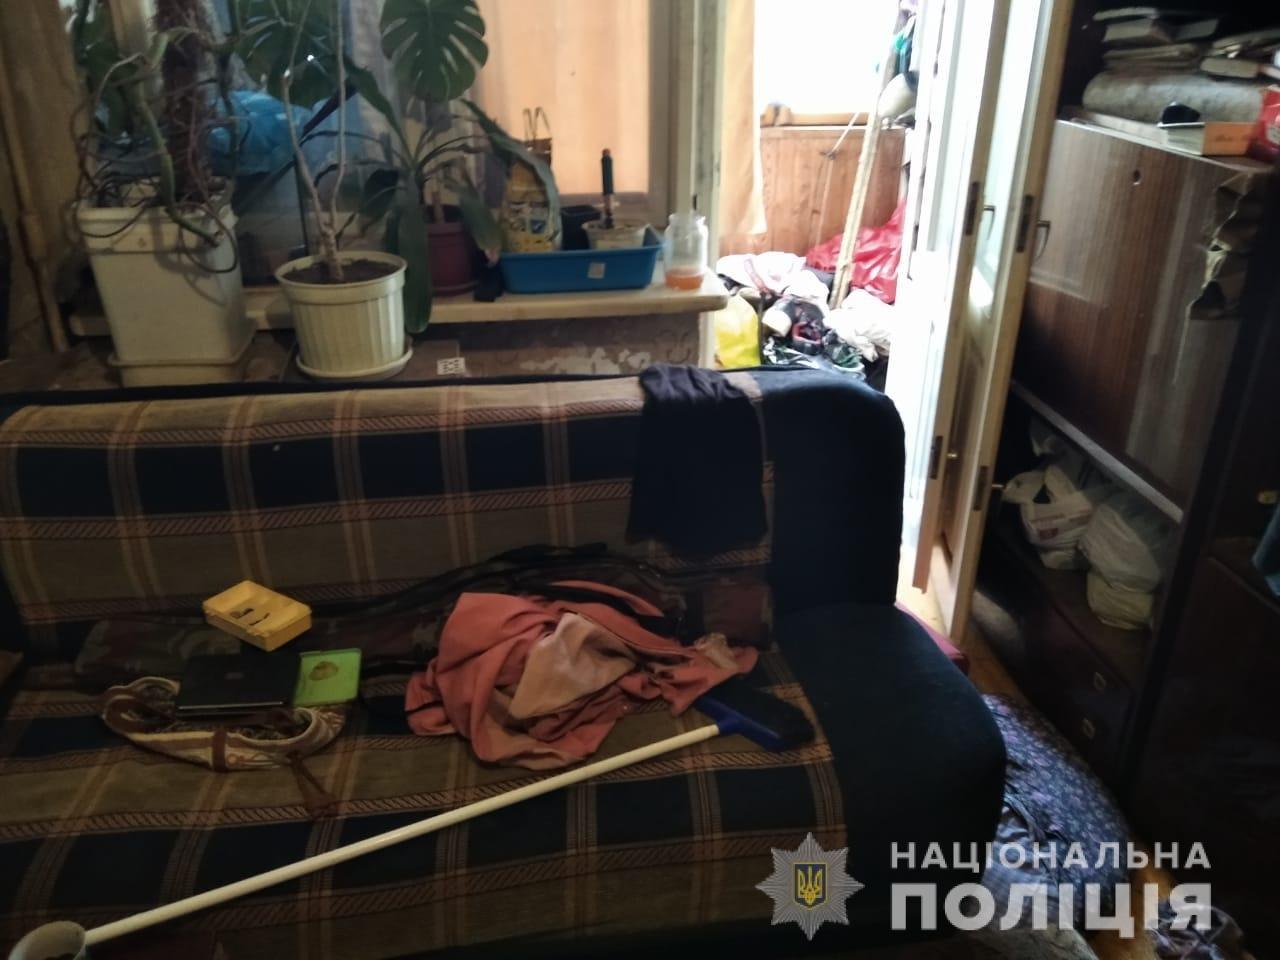 В Харькове пьяная женщина зарезала любовника и больше недели жила с его трупом в квартире, - ФОТО, фото-2